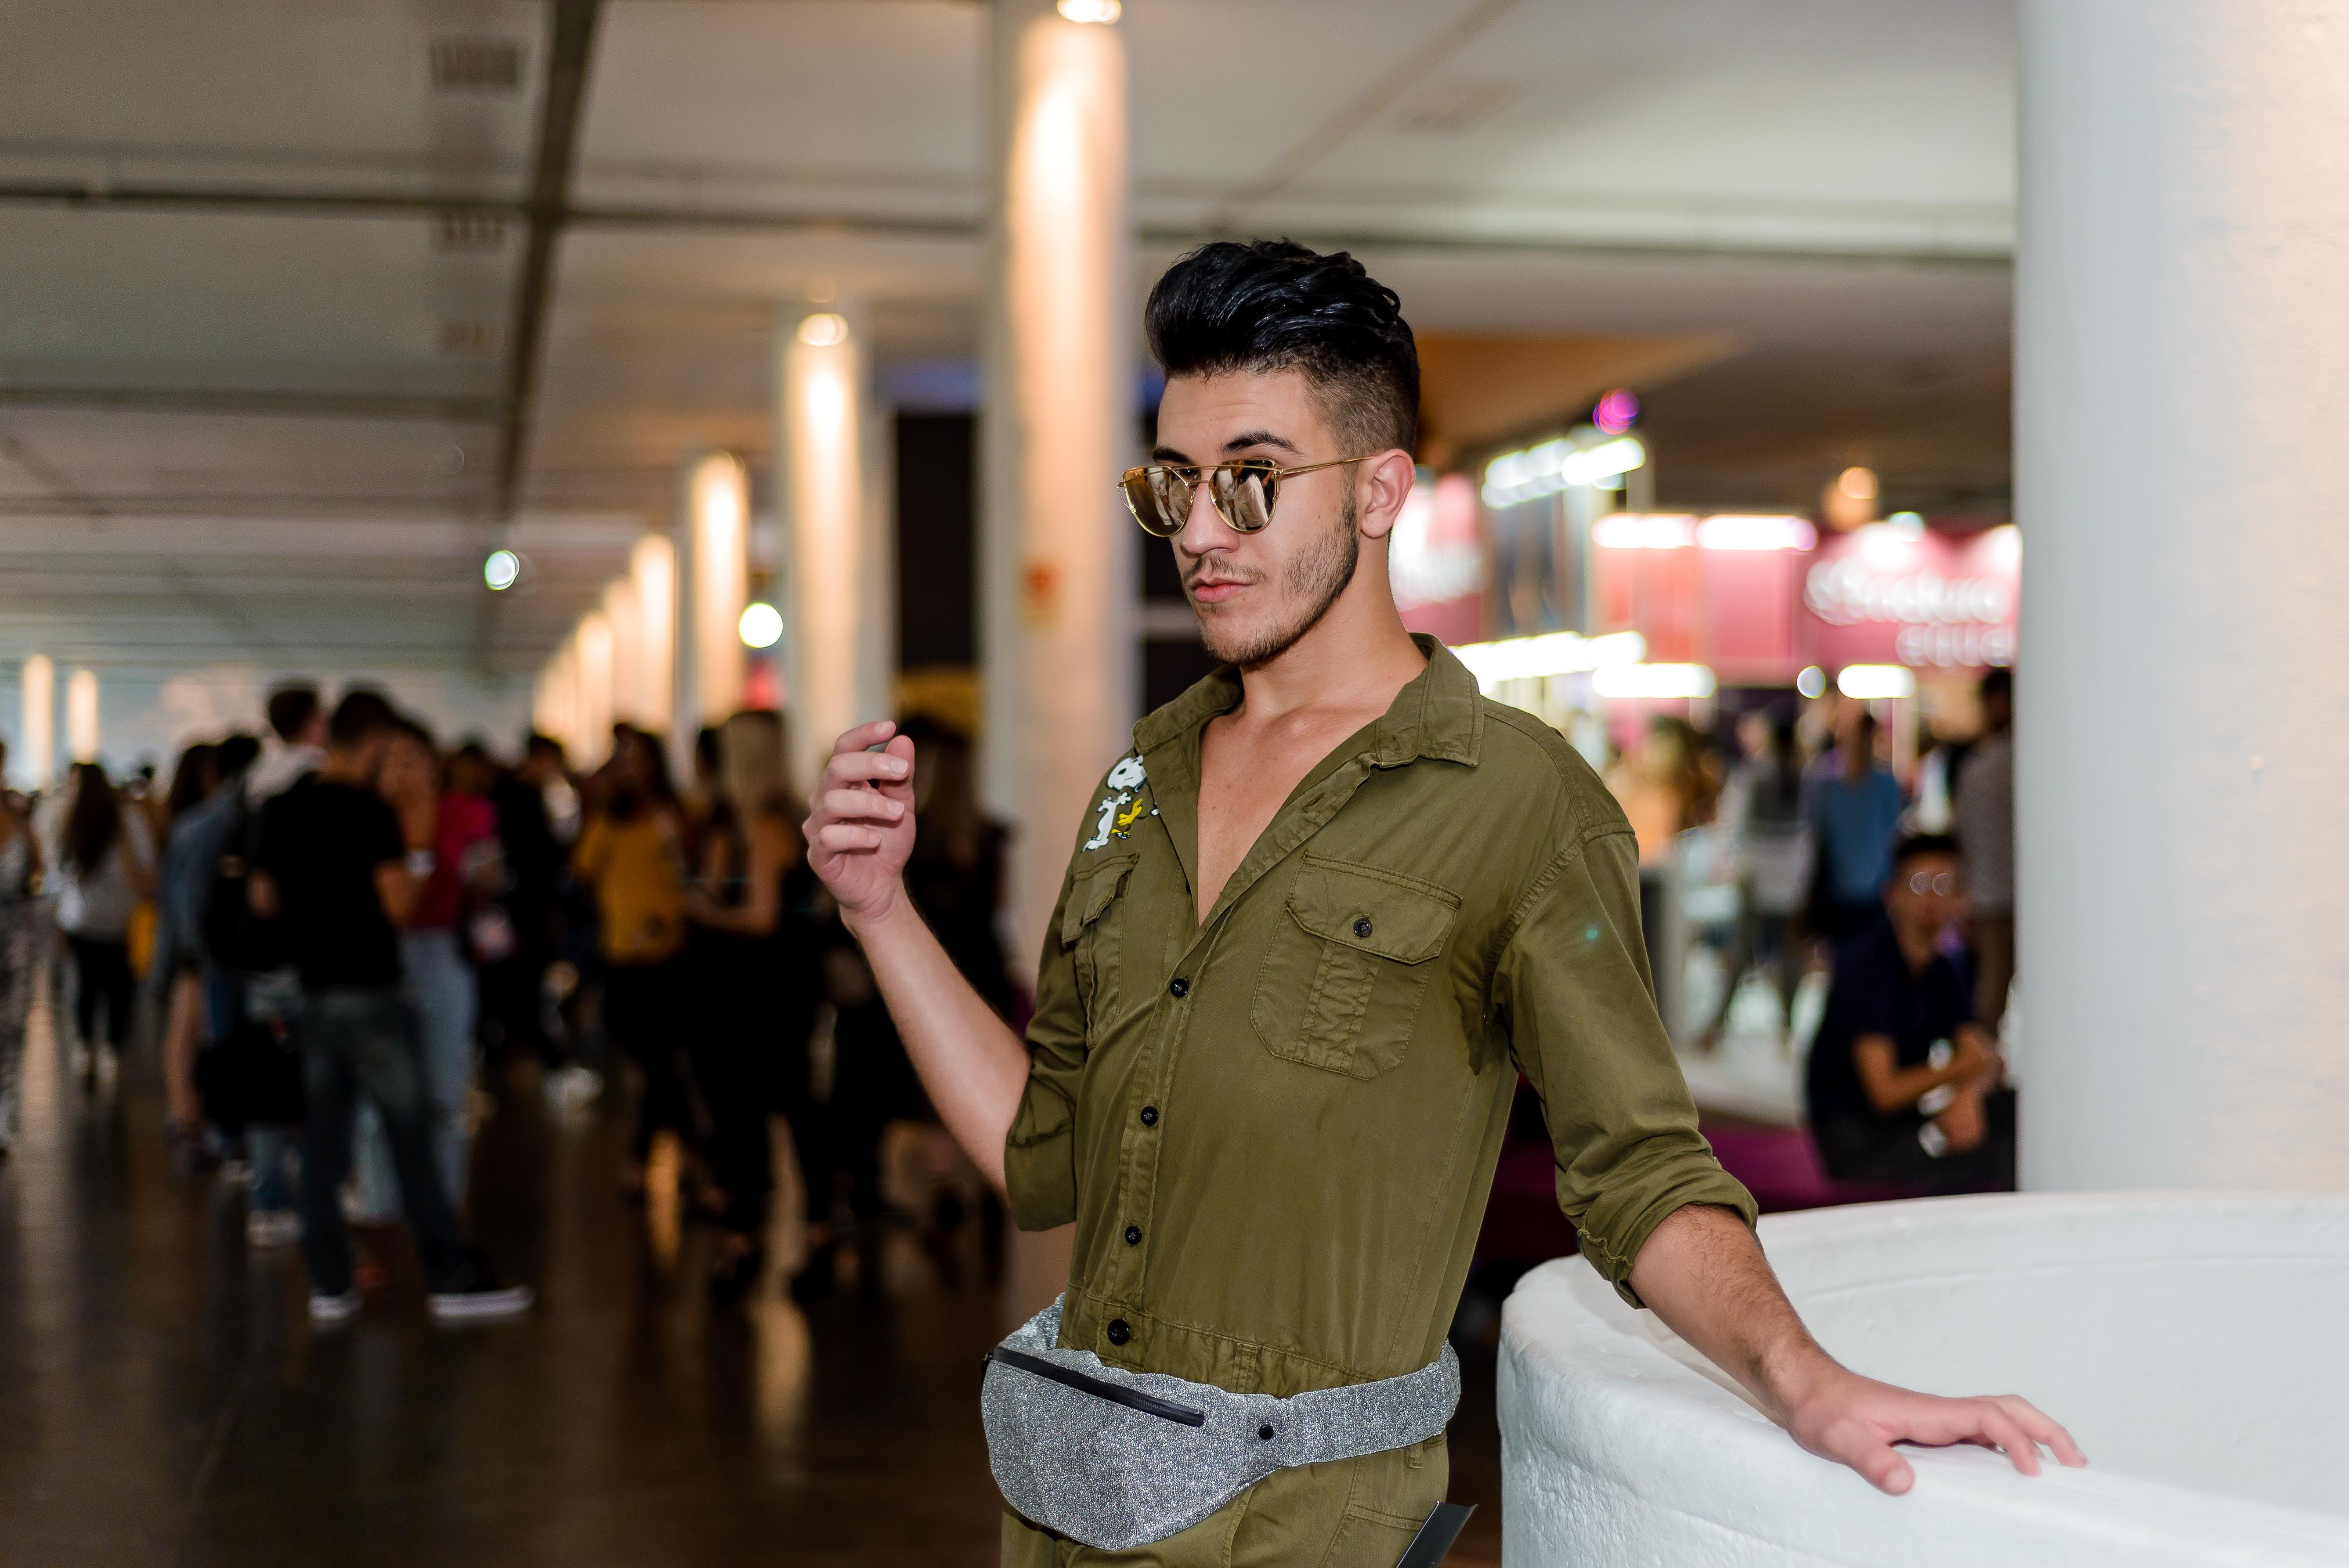 spfwn43-street-style-moda-masculina-estilo-masculino-style-fashion-moda-2017-moda-sem-censura-beleza-blog-de-moda-men-man-boy-estilo (2)